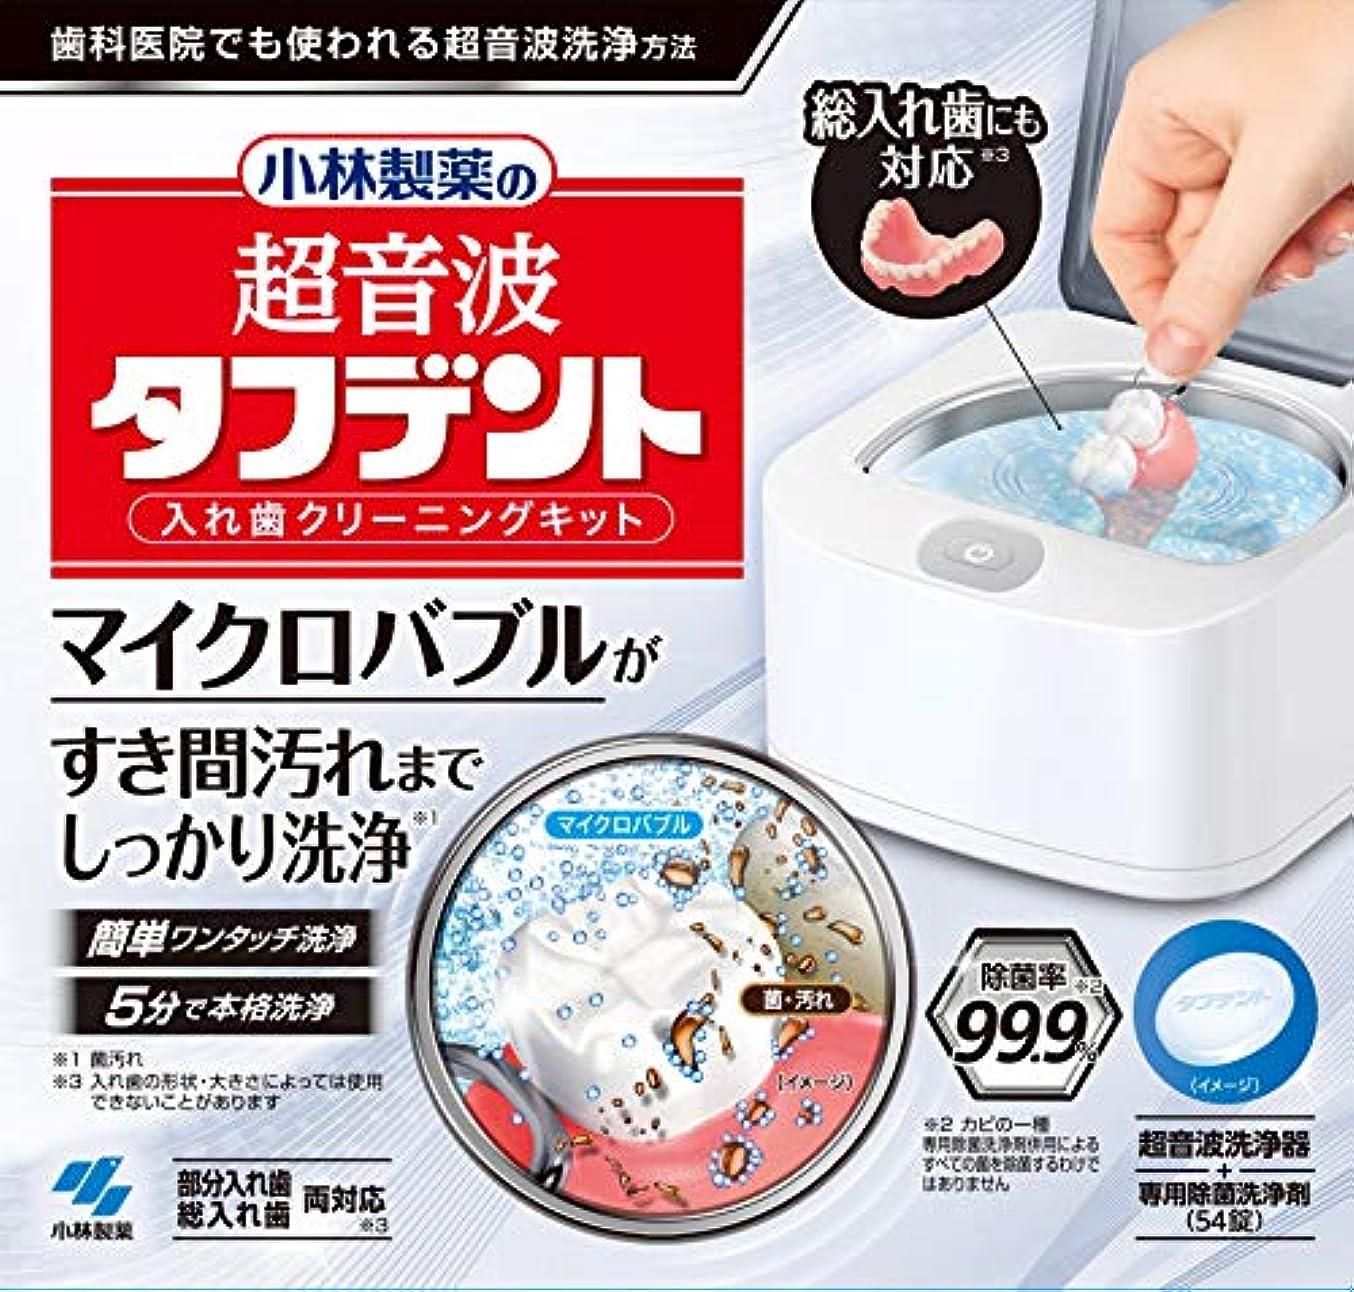 絶縁する感じるシリーズ小林製薬 義歯洗浄剤 超音波タフデント入れ歯クリーニングキット(メガネクリーナー付)